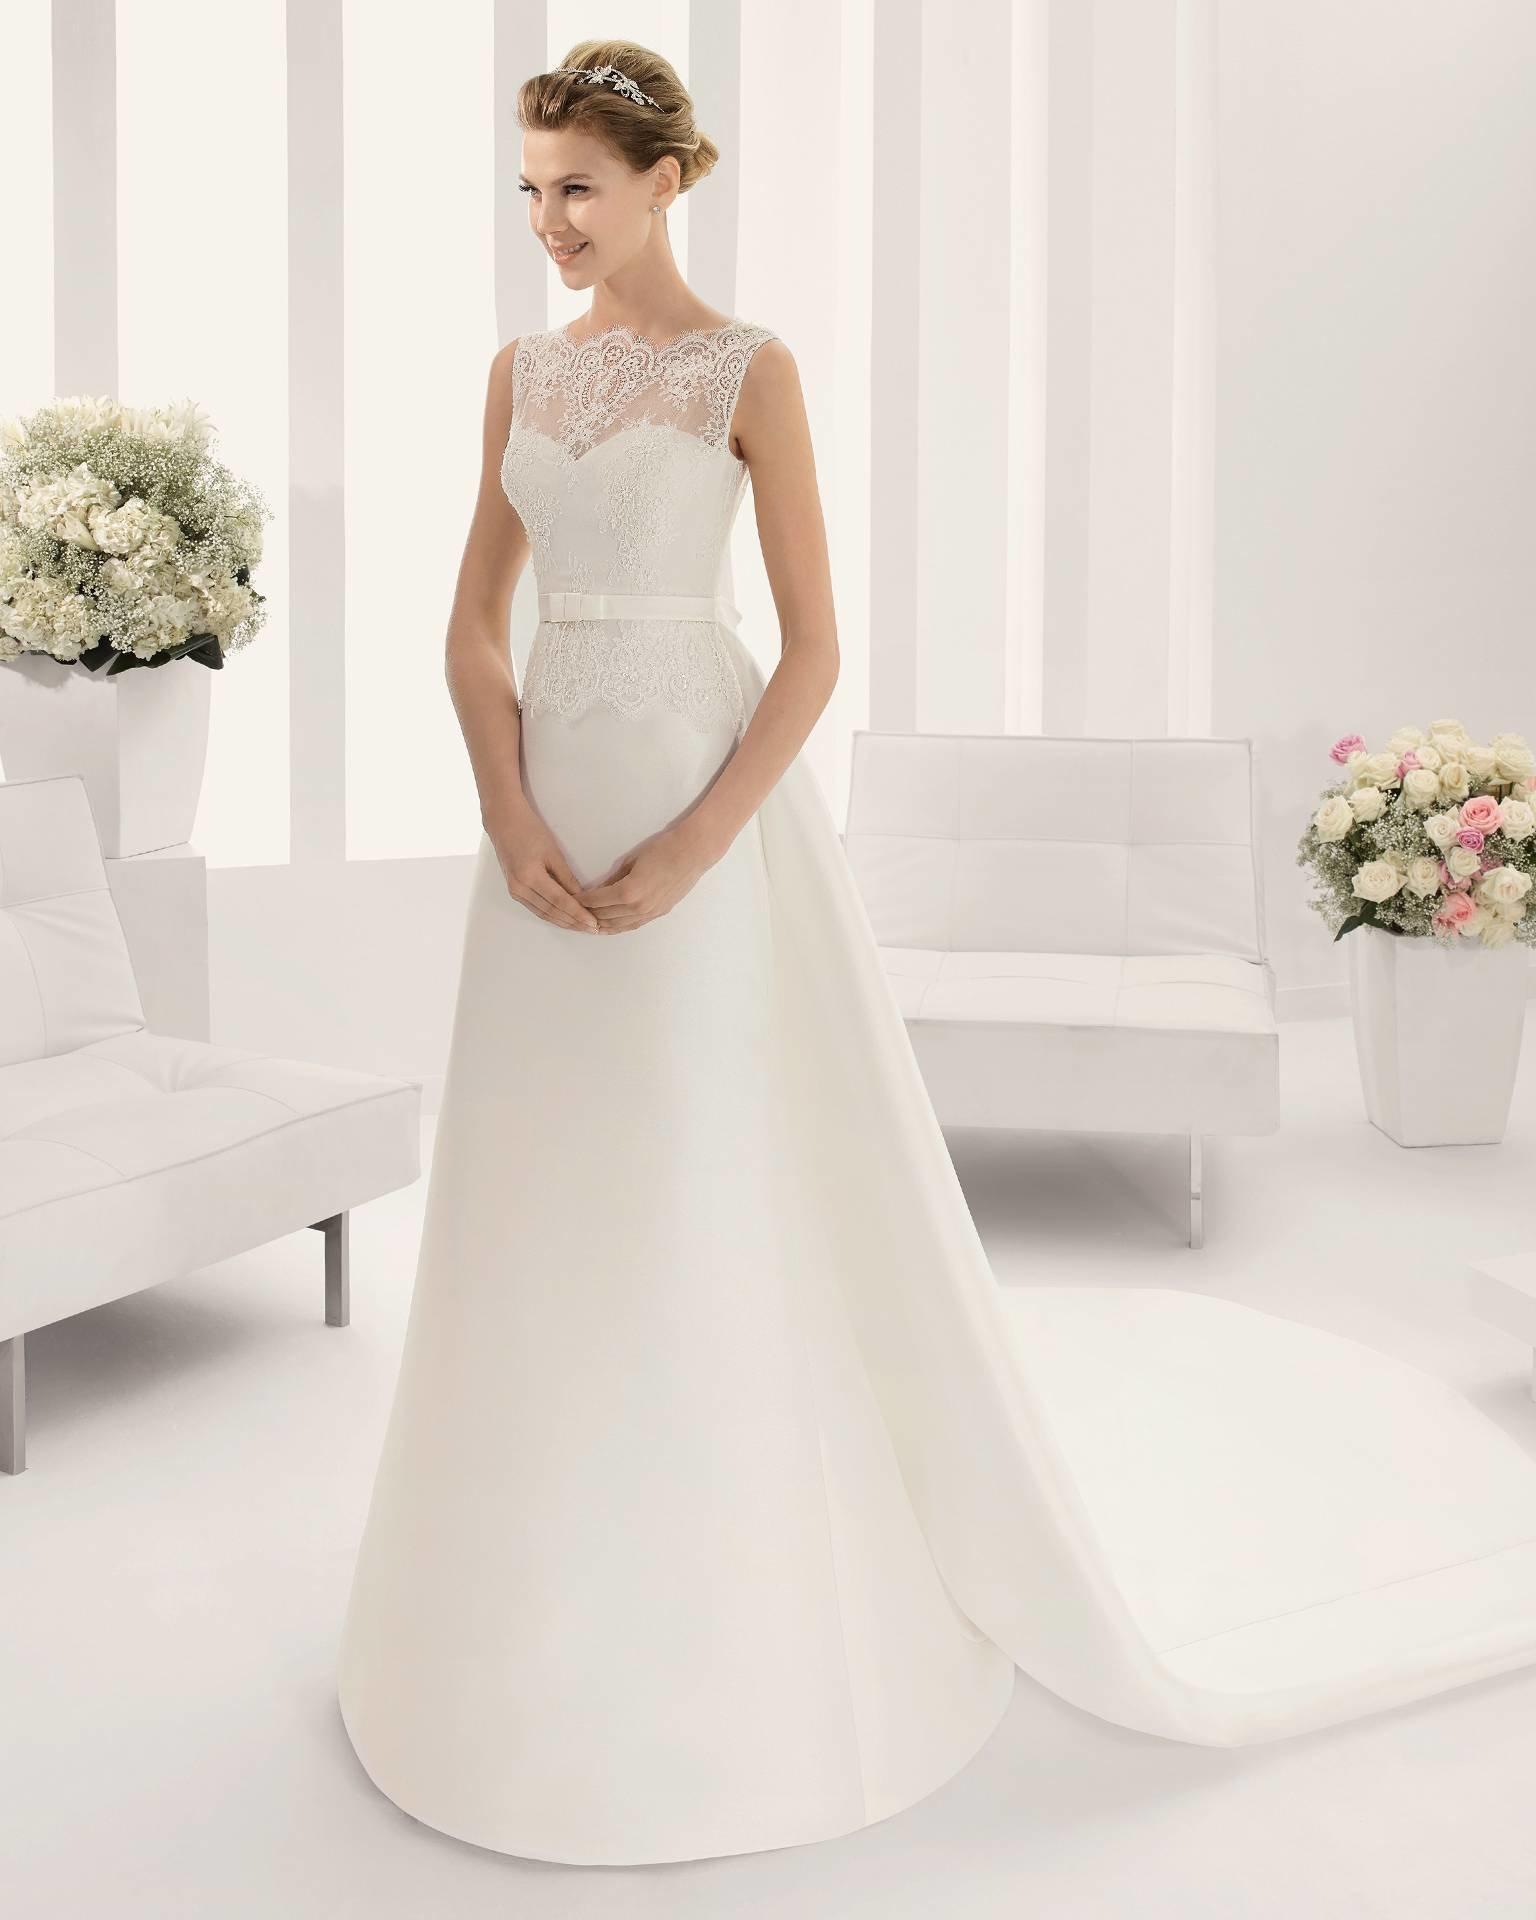 Доставкой, интернет магазин цветов свадебных платьев москва